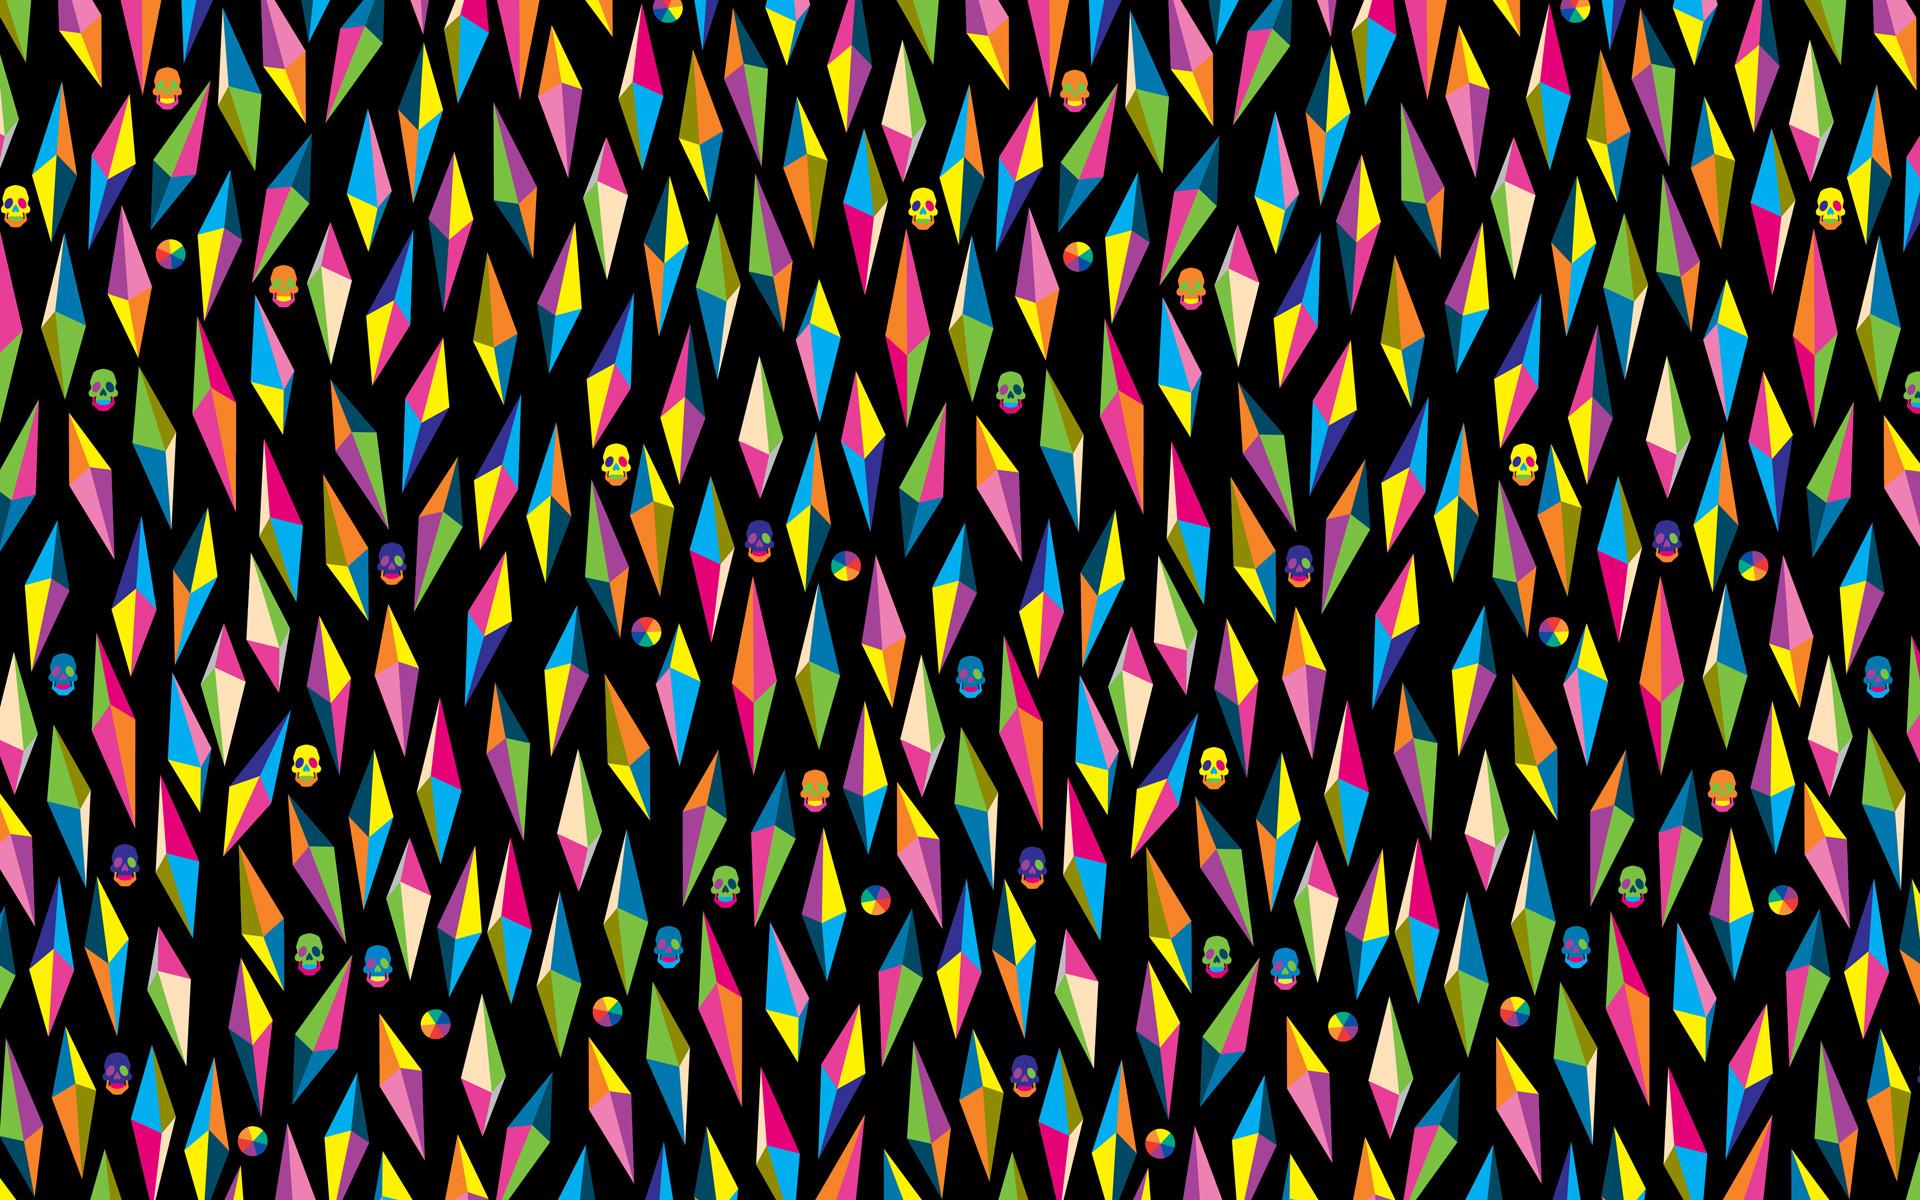 Indie Desktop Backgrounds The desktop wallpaper project